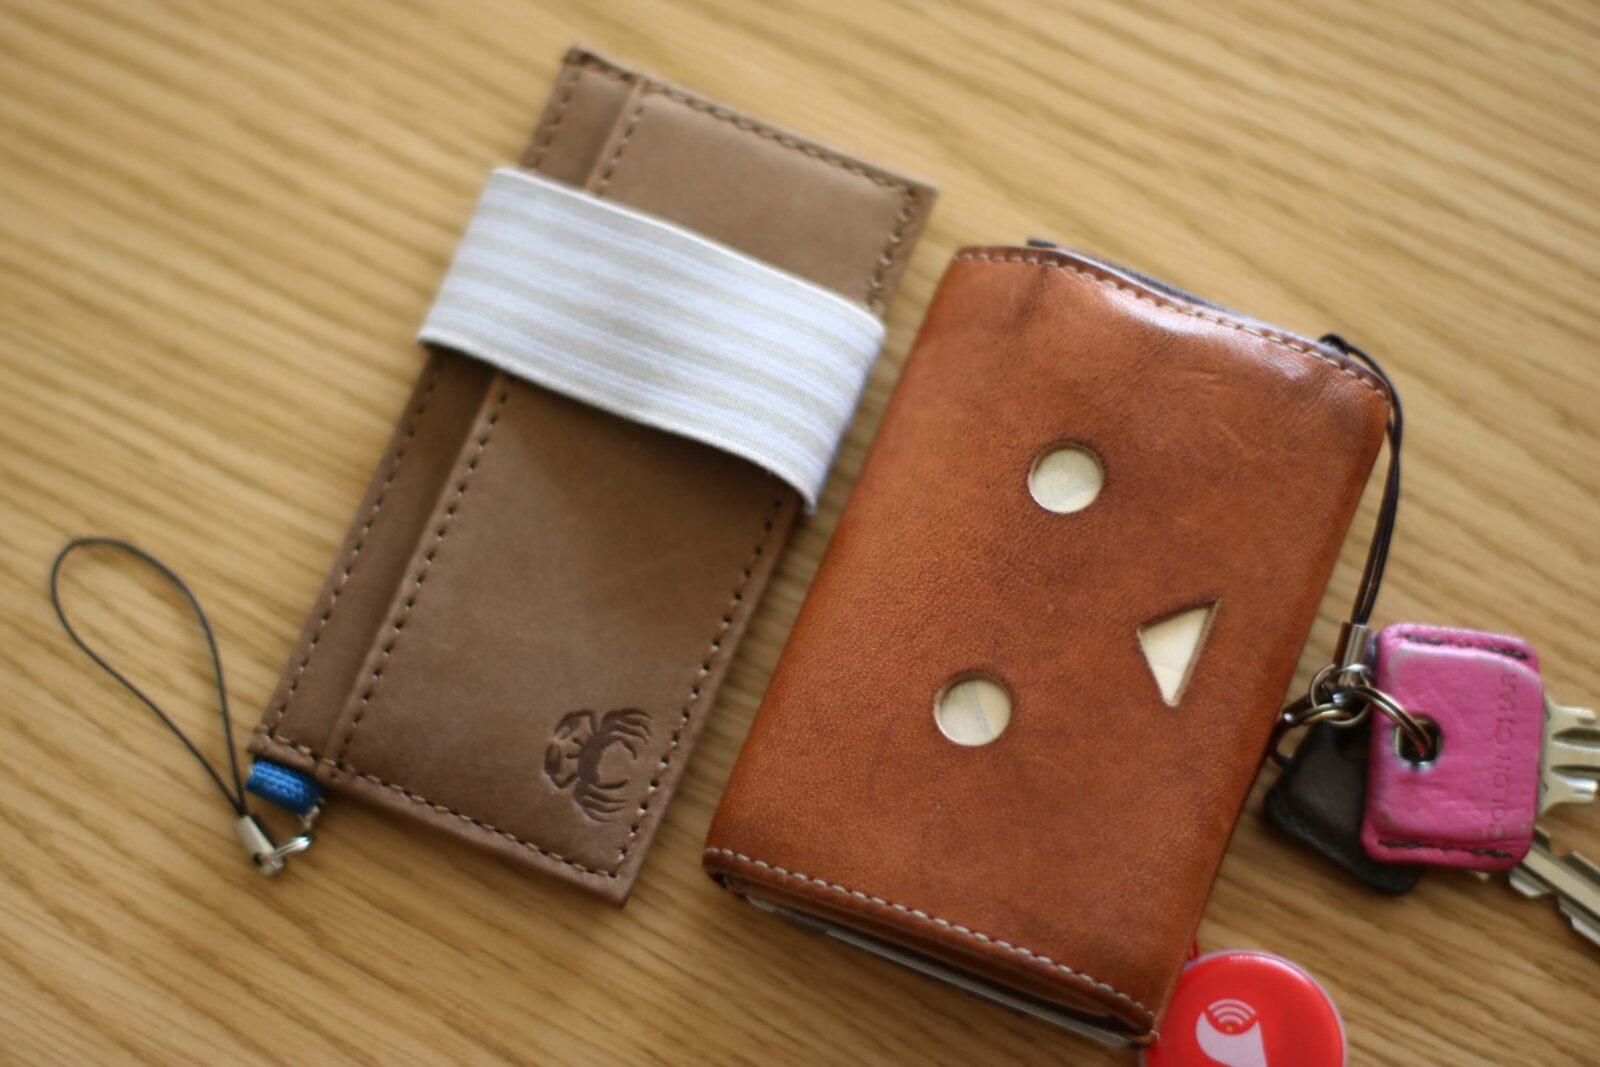 小さい財布とCRABBY wallet